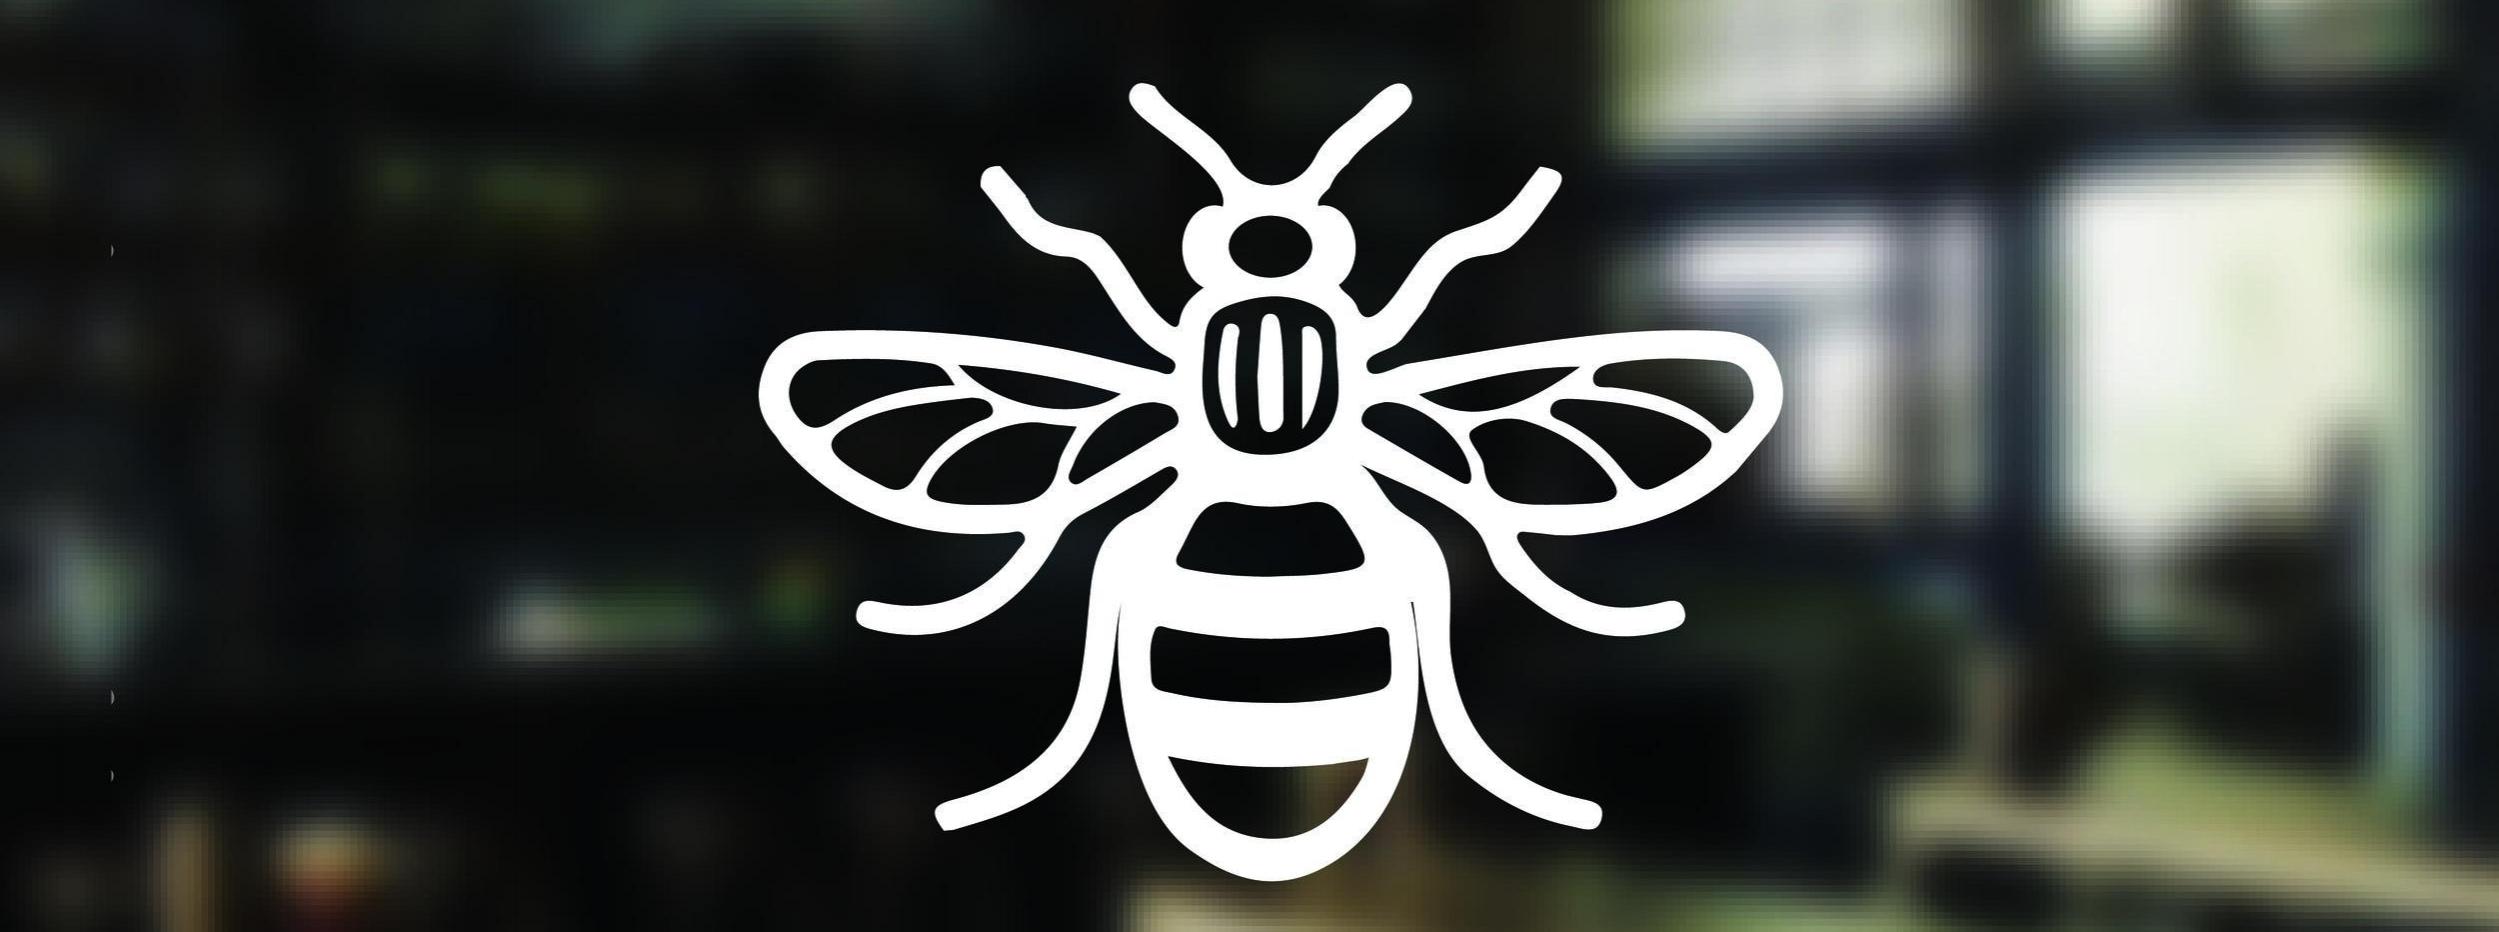 Manchester-Bee-02-01.jpg